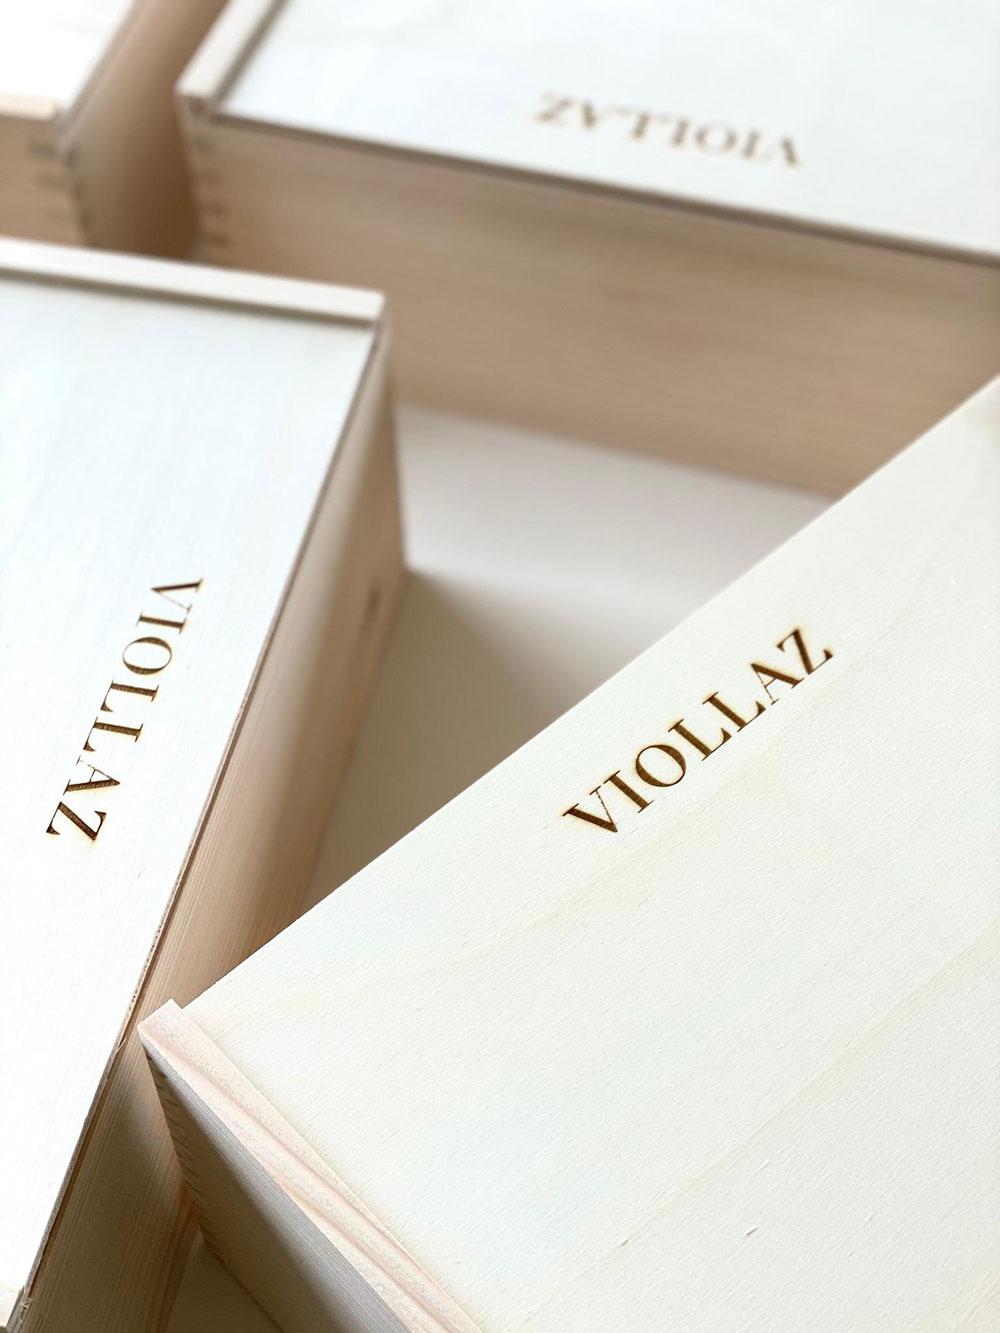 Geschenkprofi Valeria bietet personalisierte Geschenkboxen an und verrät auf sonrisa, worauf es bei einer guten Bescherung ankommt!